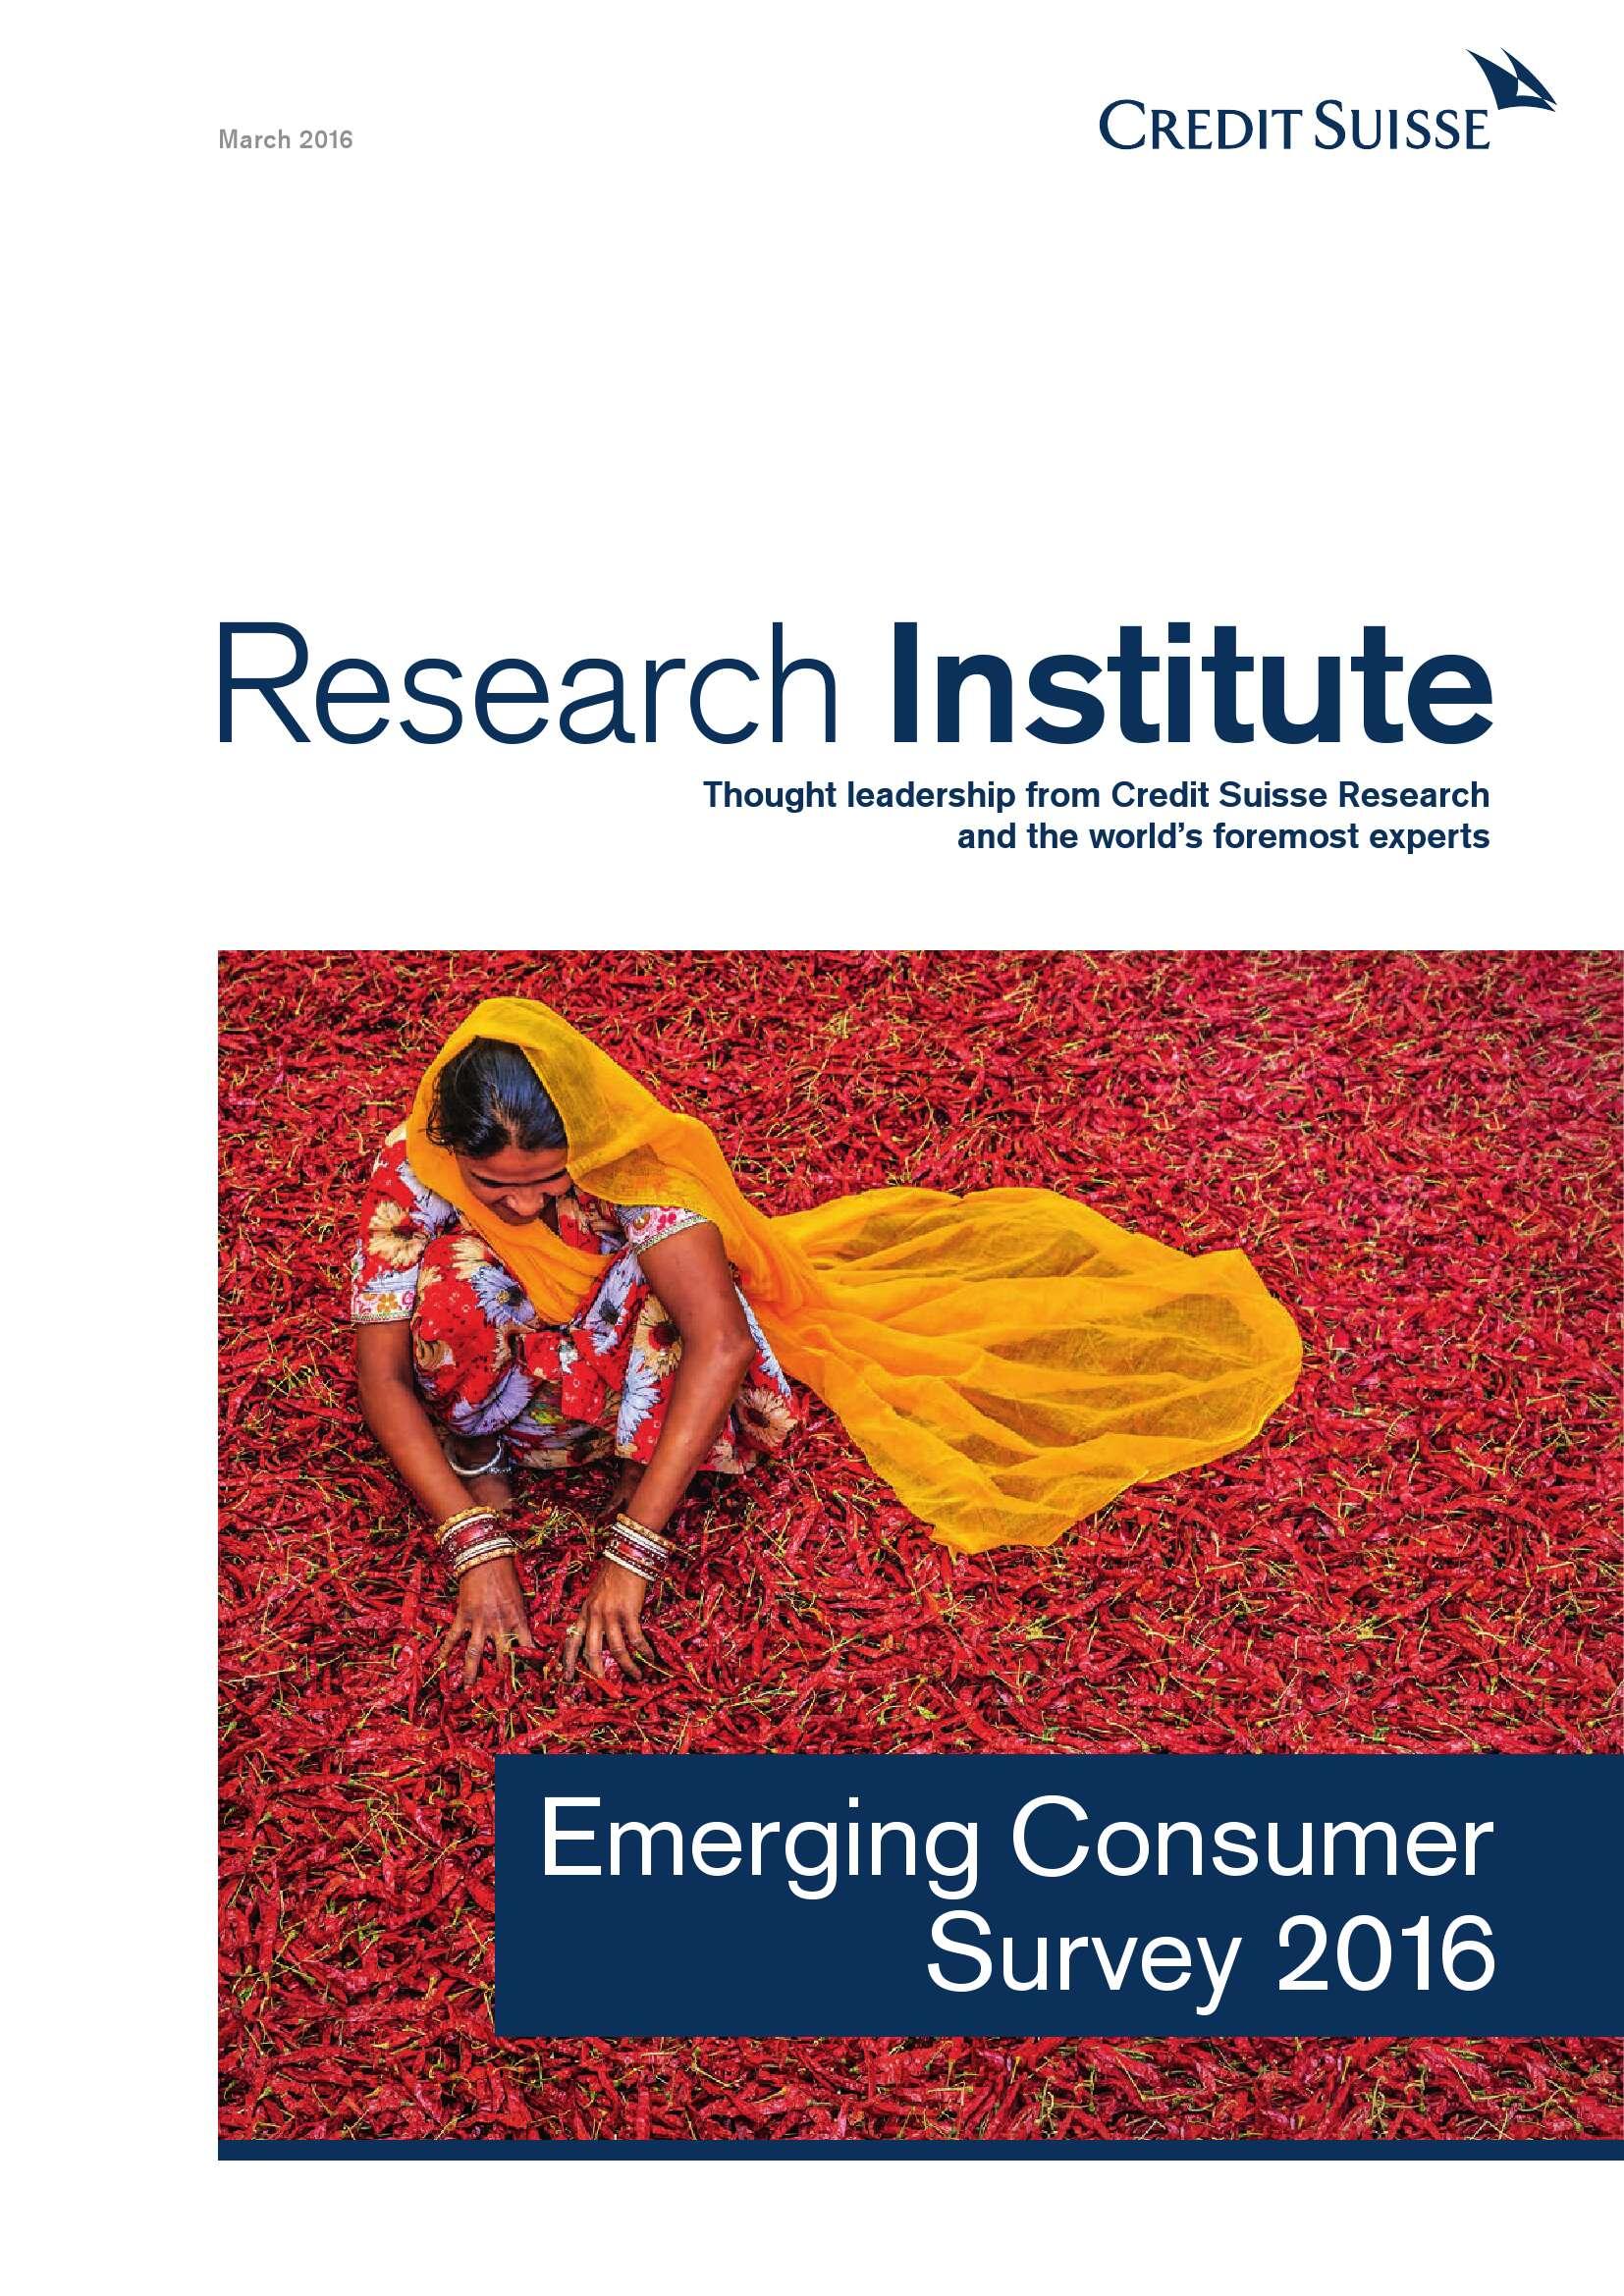 瑞士信贷:2016年新兴市场消费者调查报告_000001